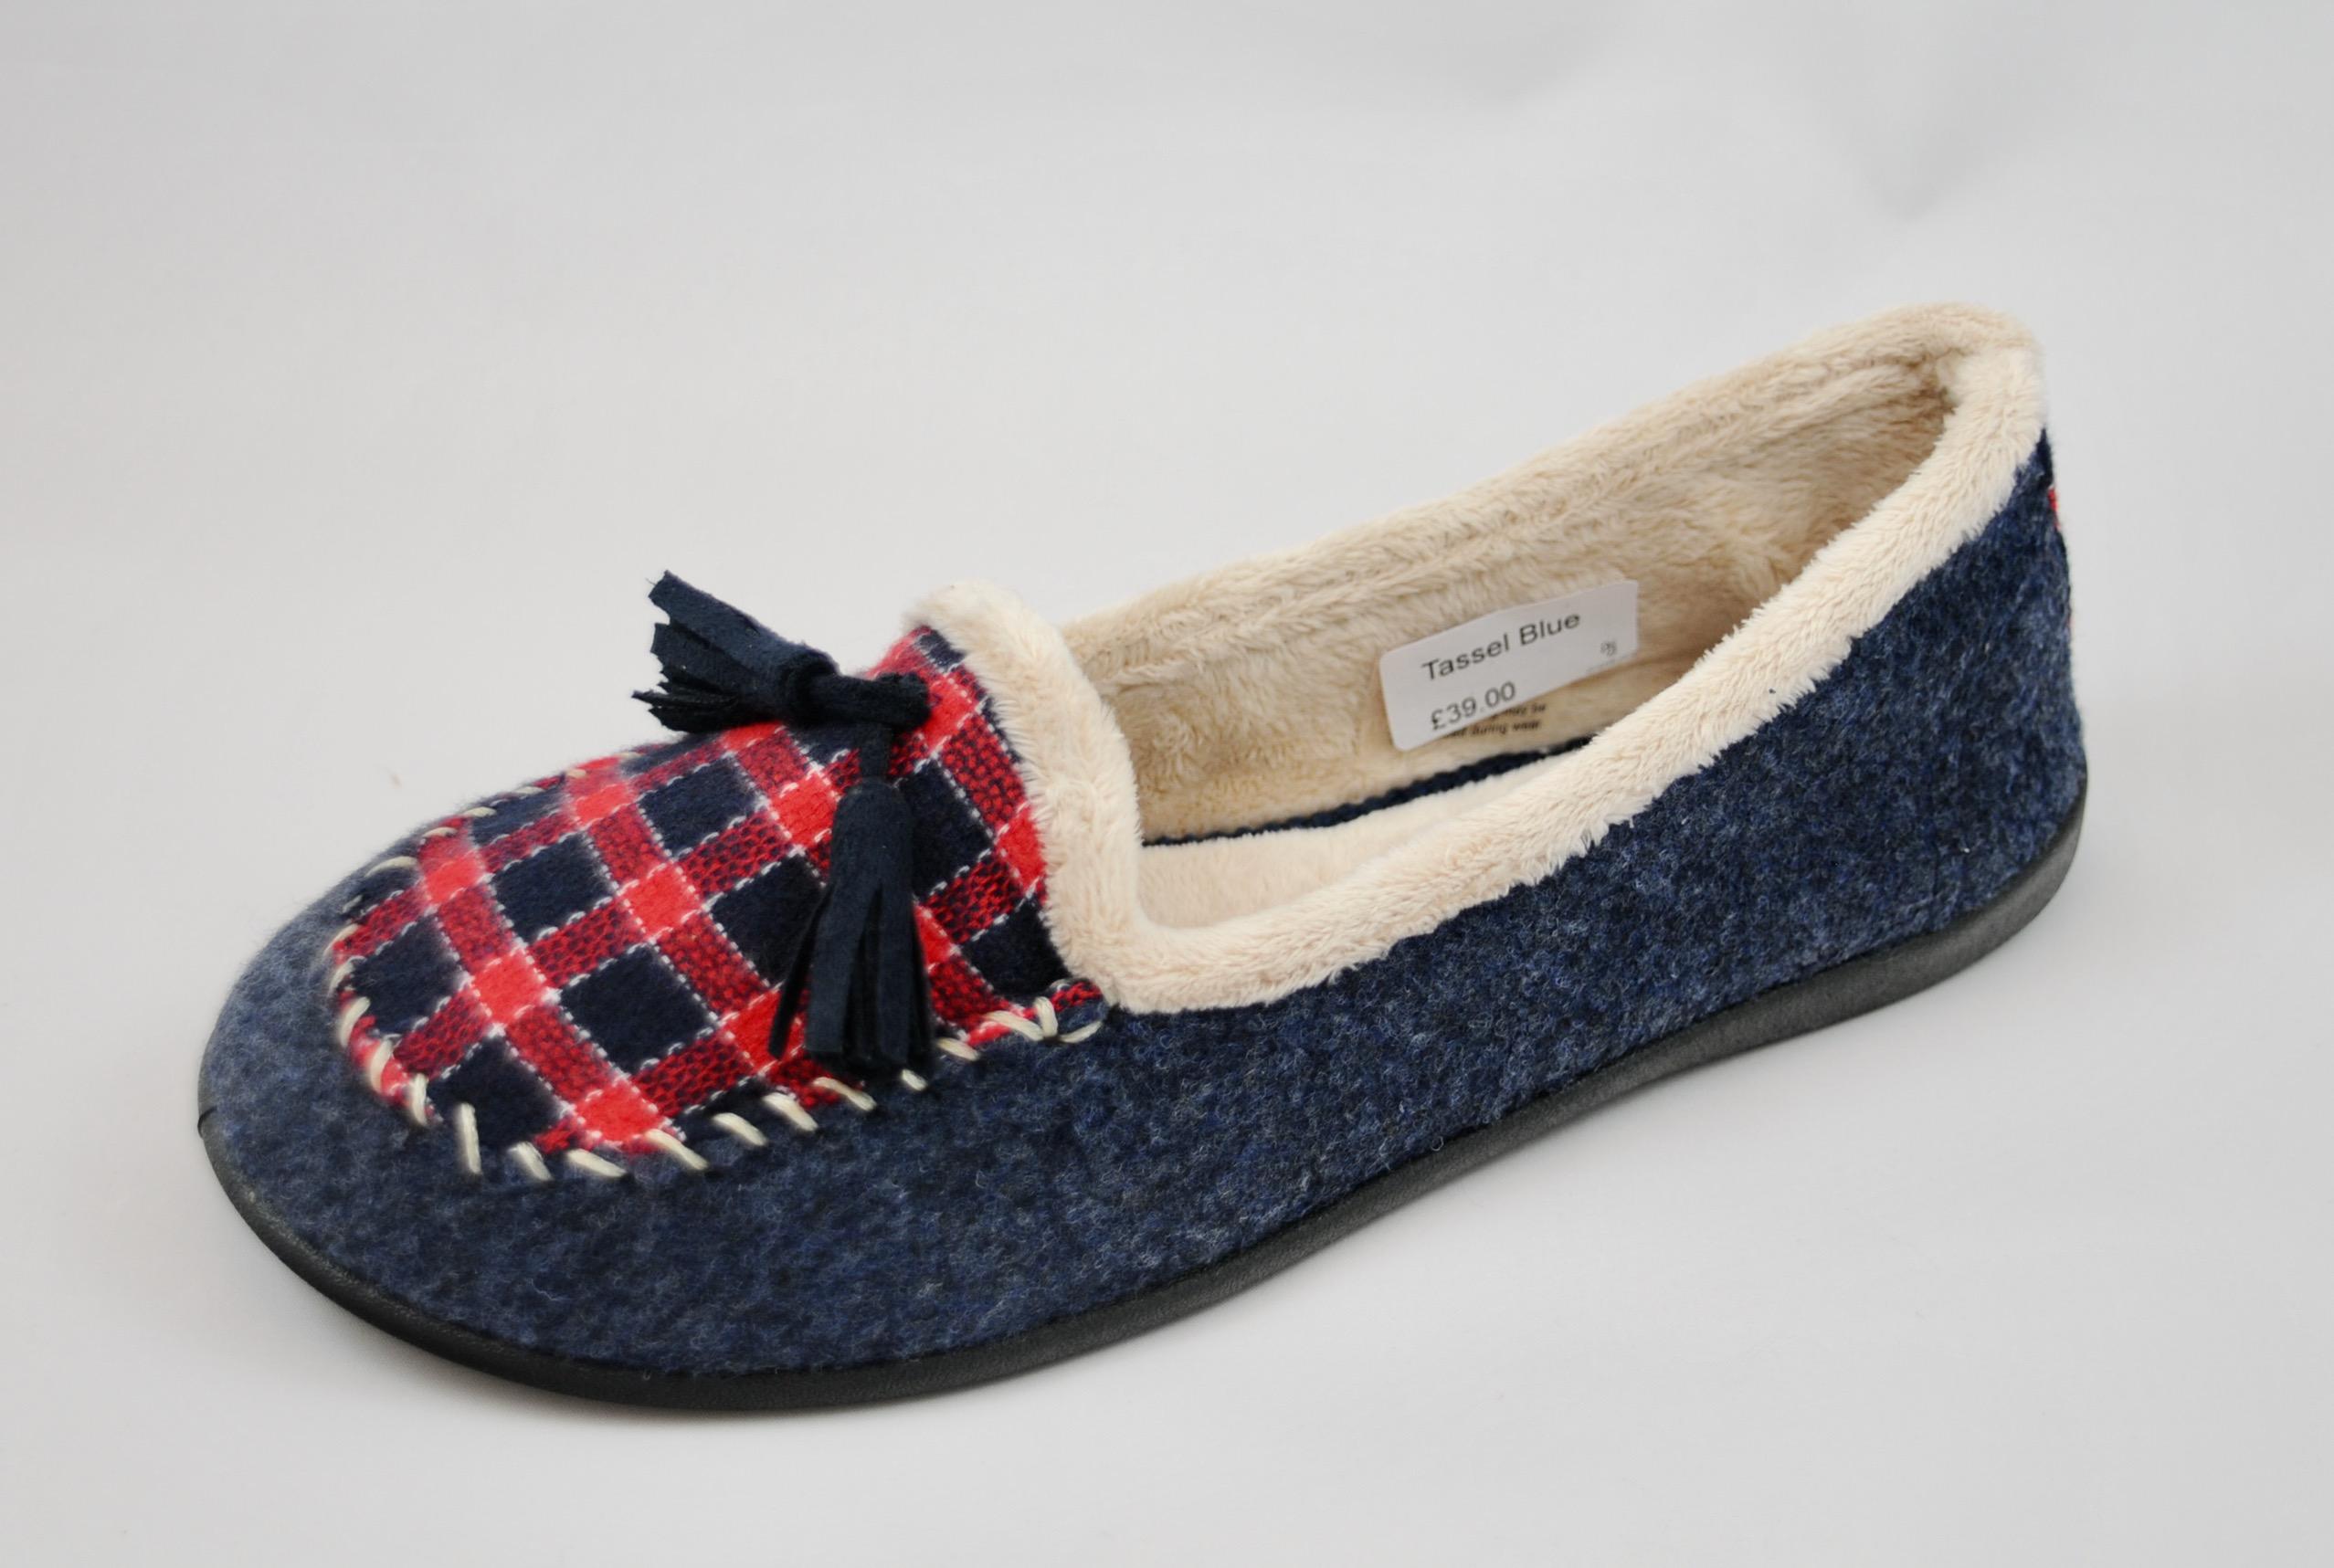 Padders Tassel Blue Slippers